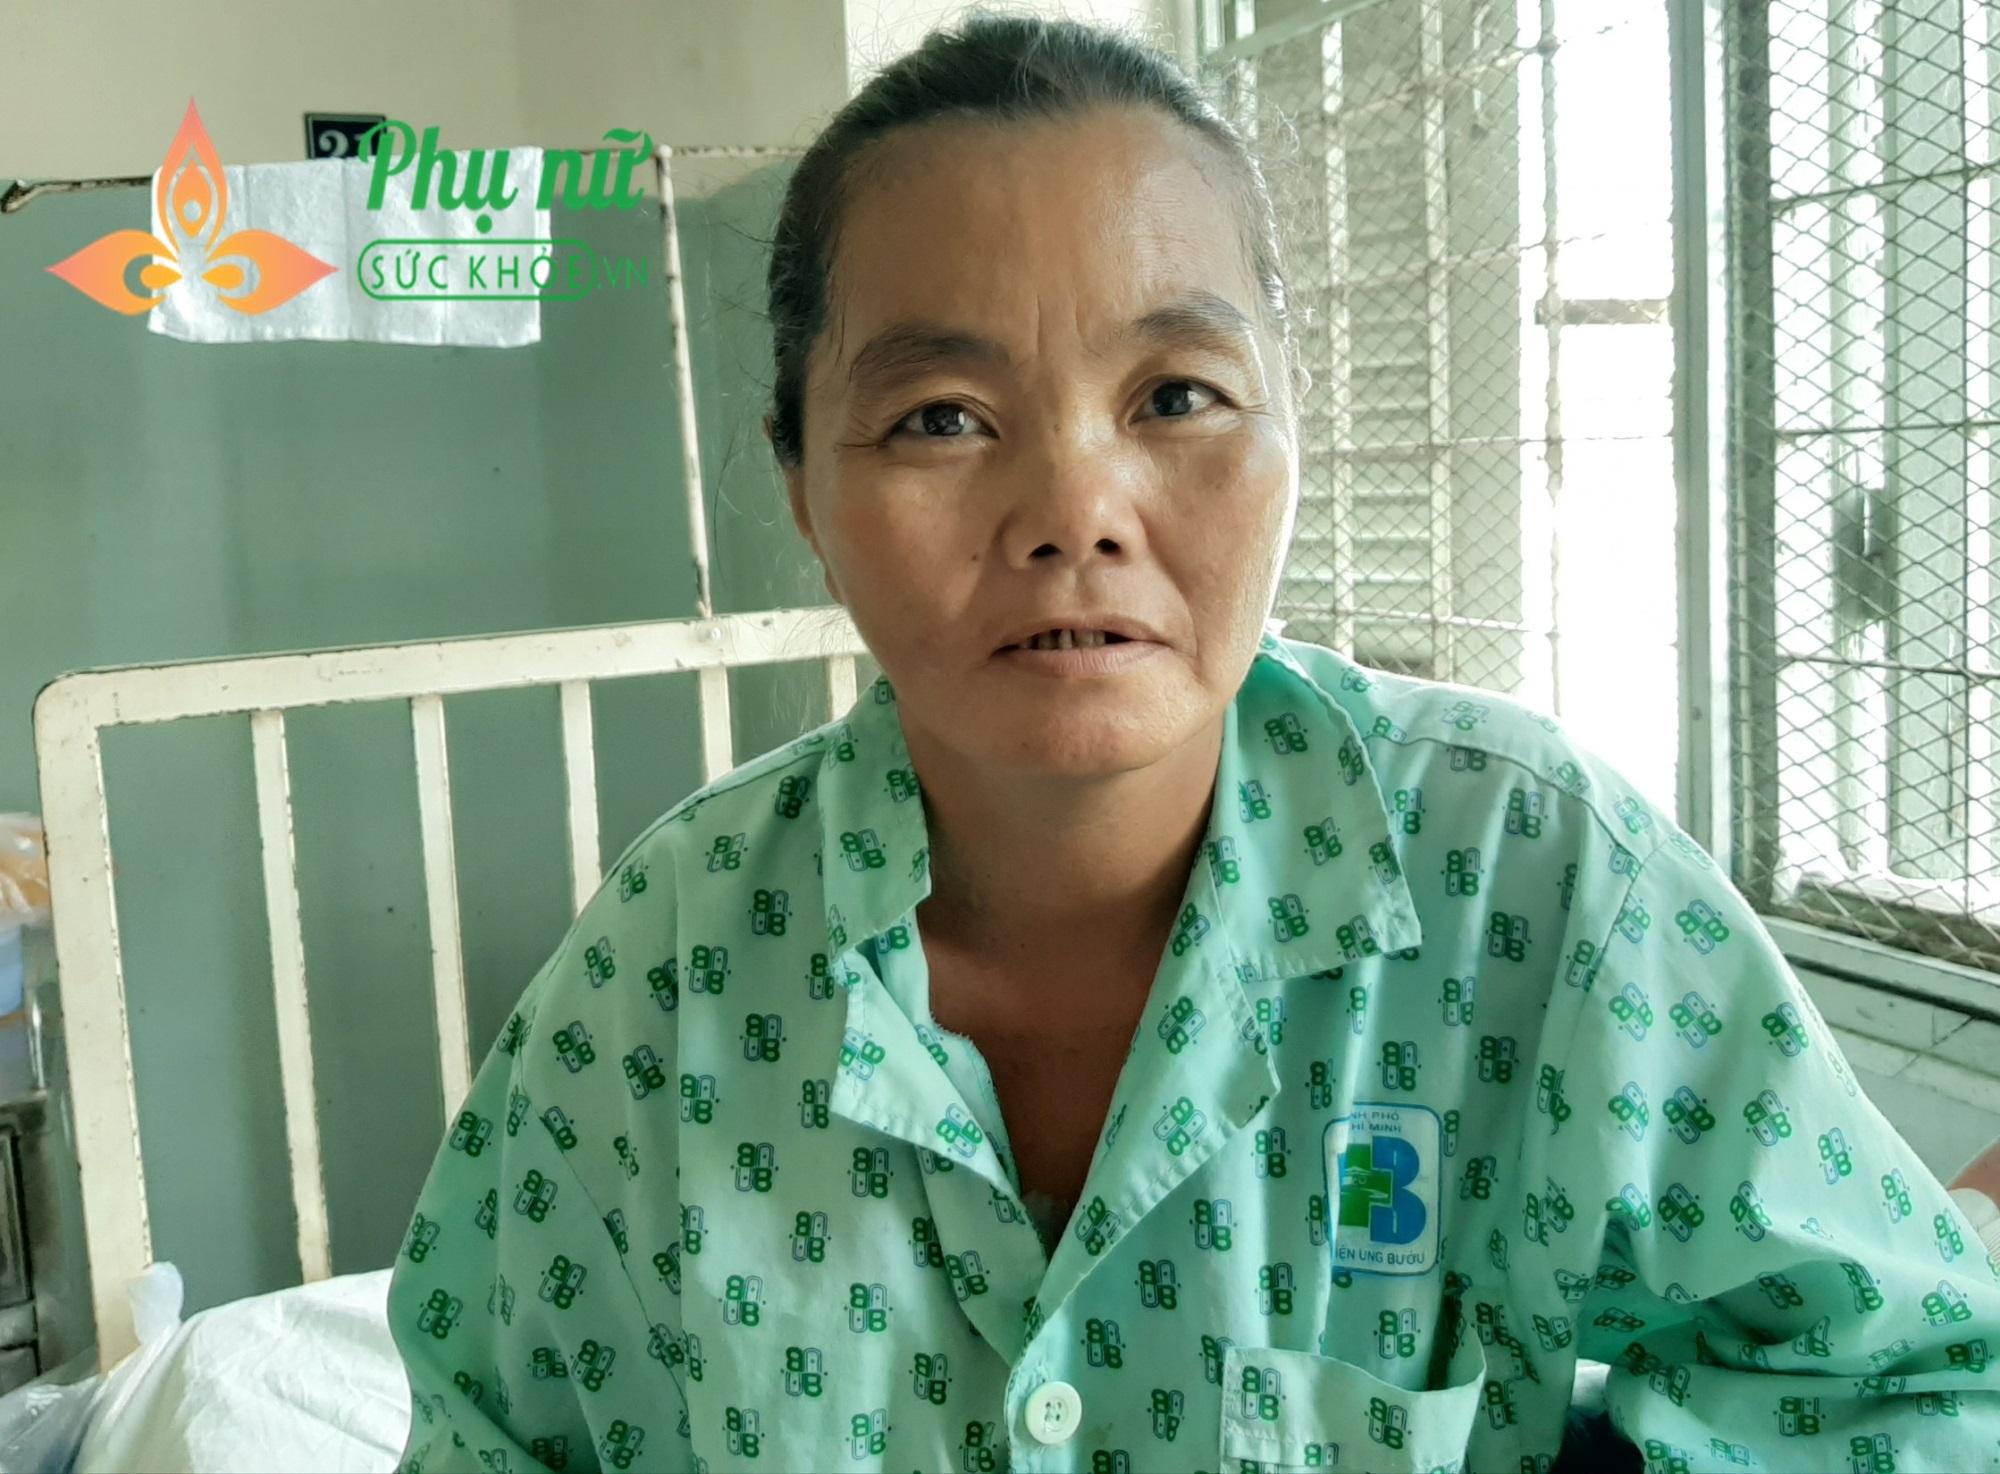 Người mẹ nghèo bị ung thư vú, mong được sống để nuôi hai con mắc bệnh tâm thần - Ảnh 2